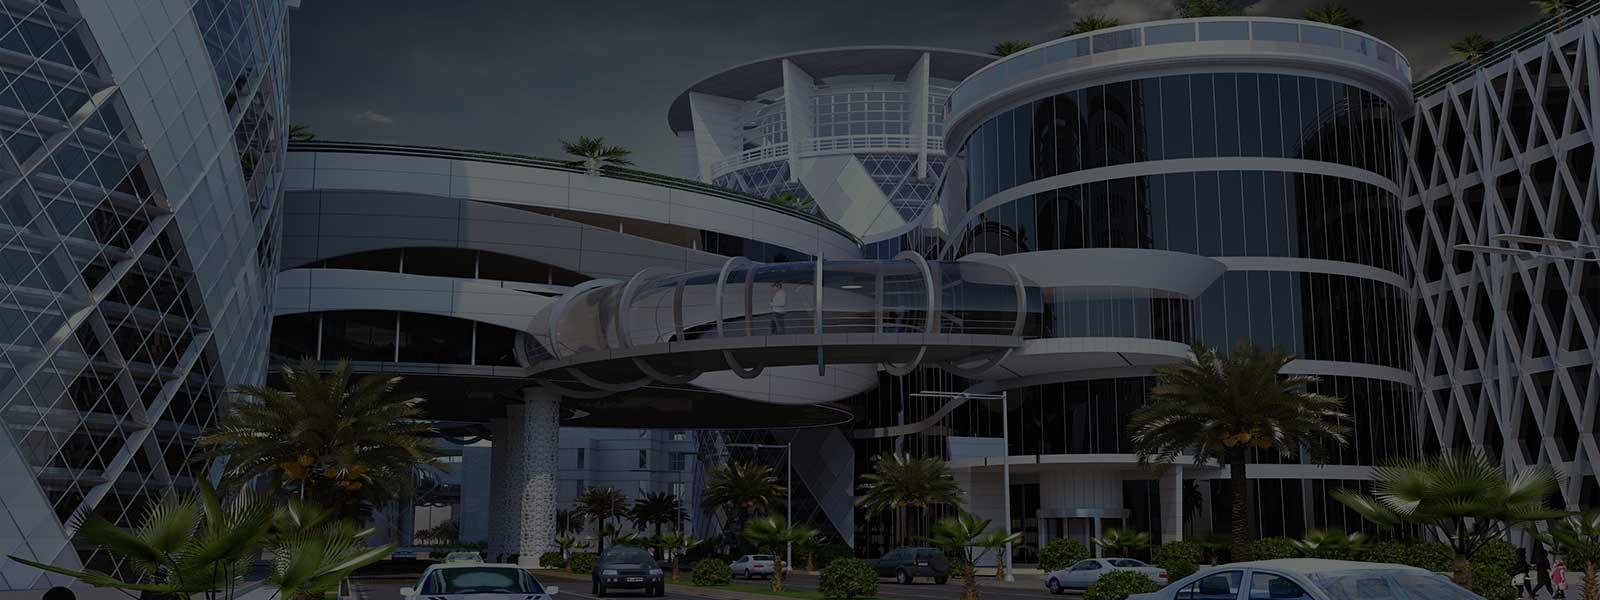 رزومه معمار بنای پایدار